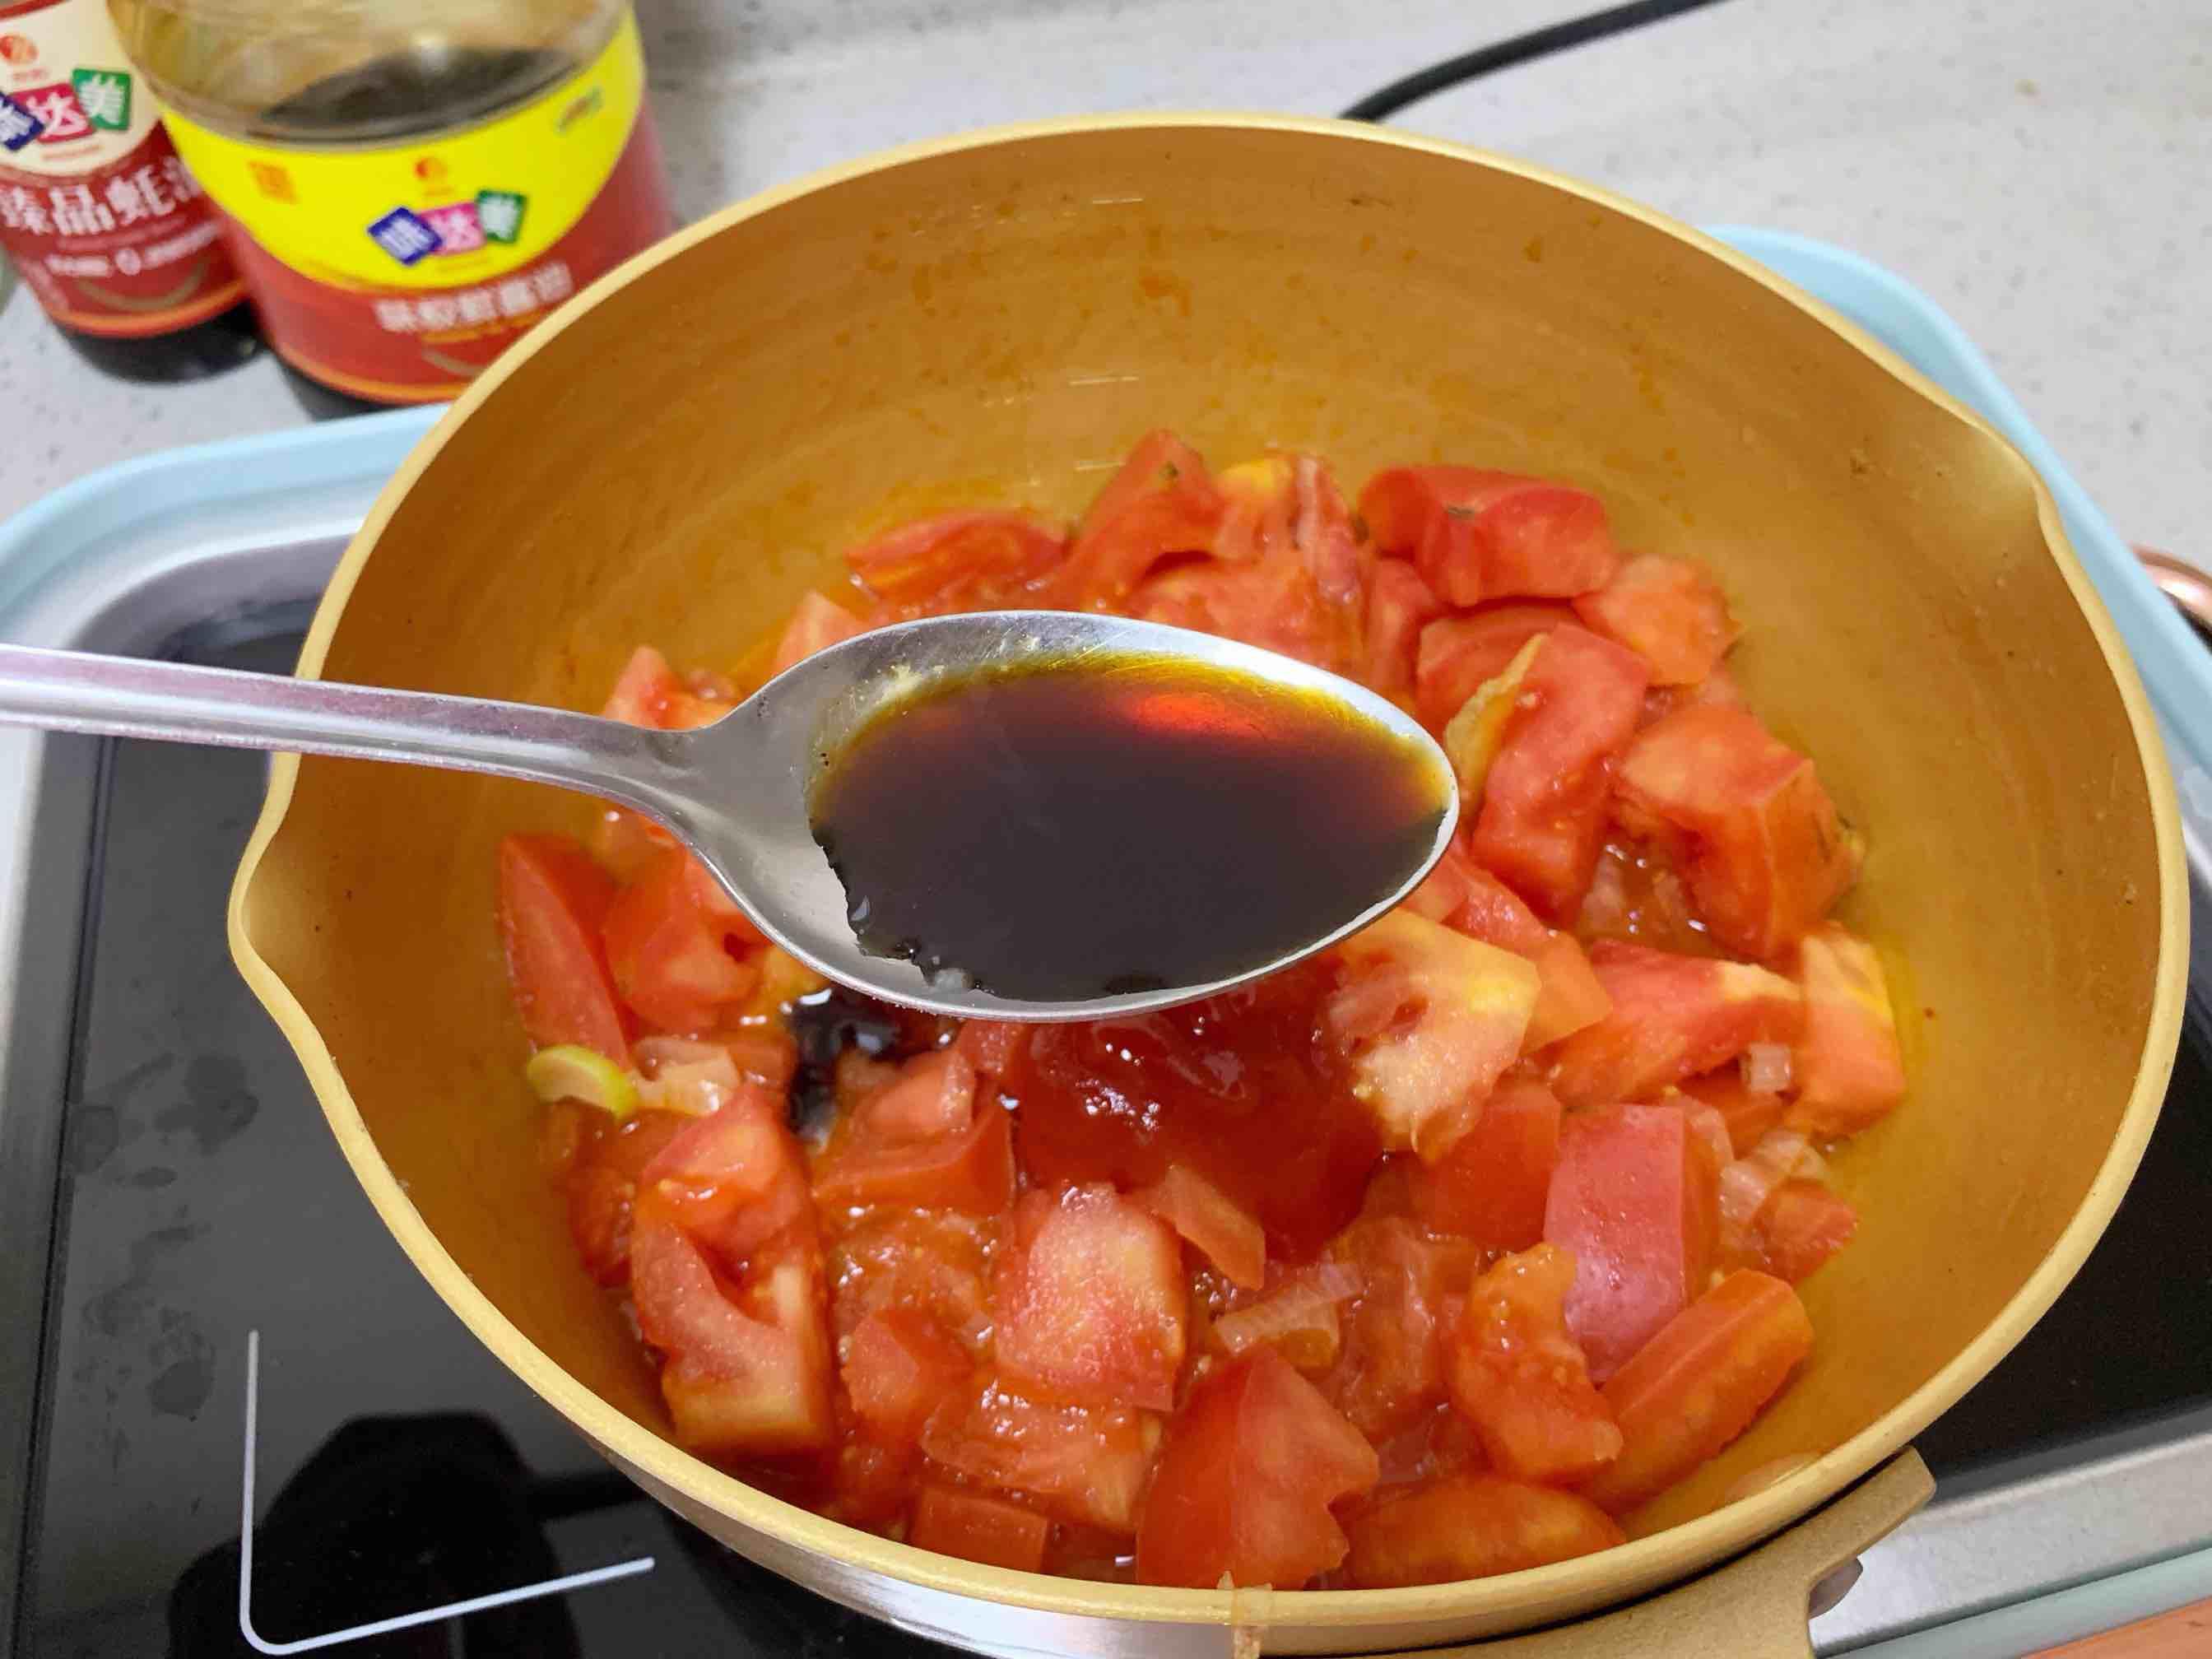 番茄酸汤龙利鱼的做法图解